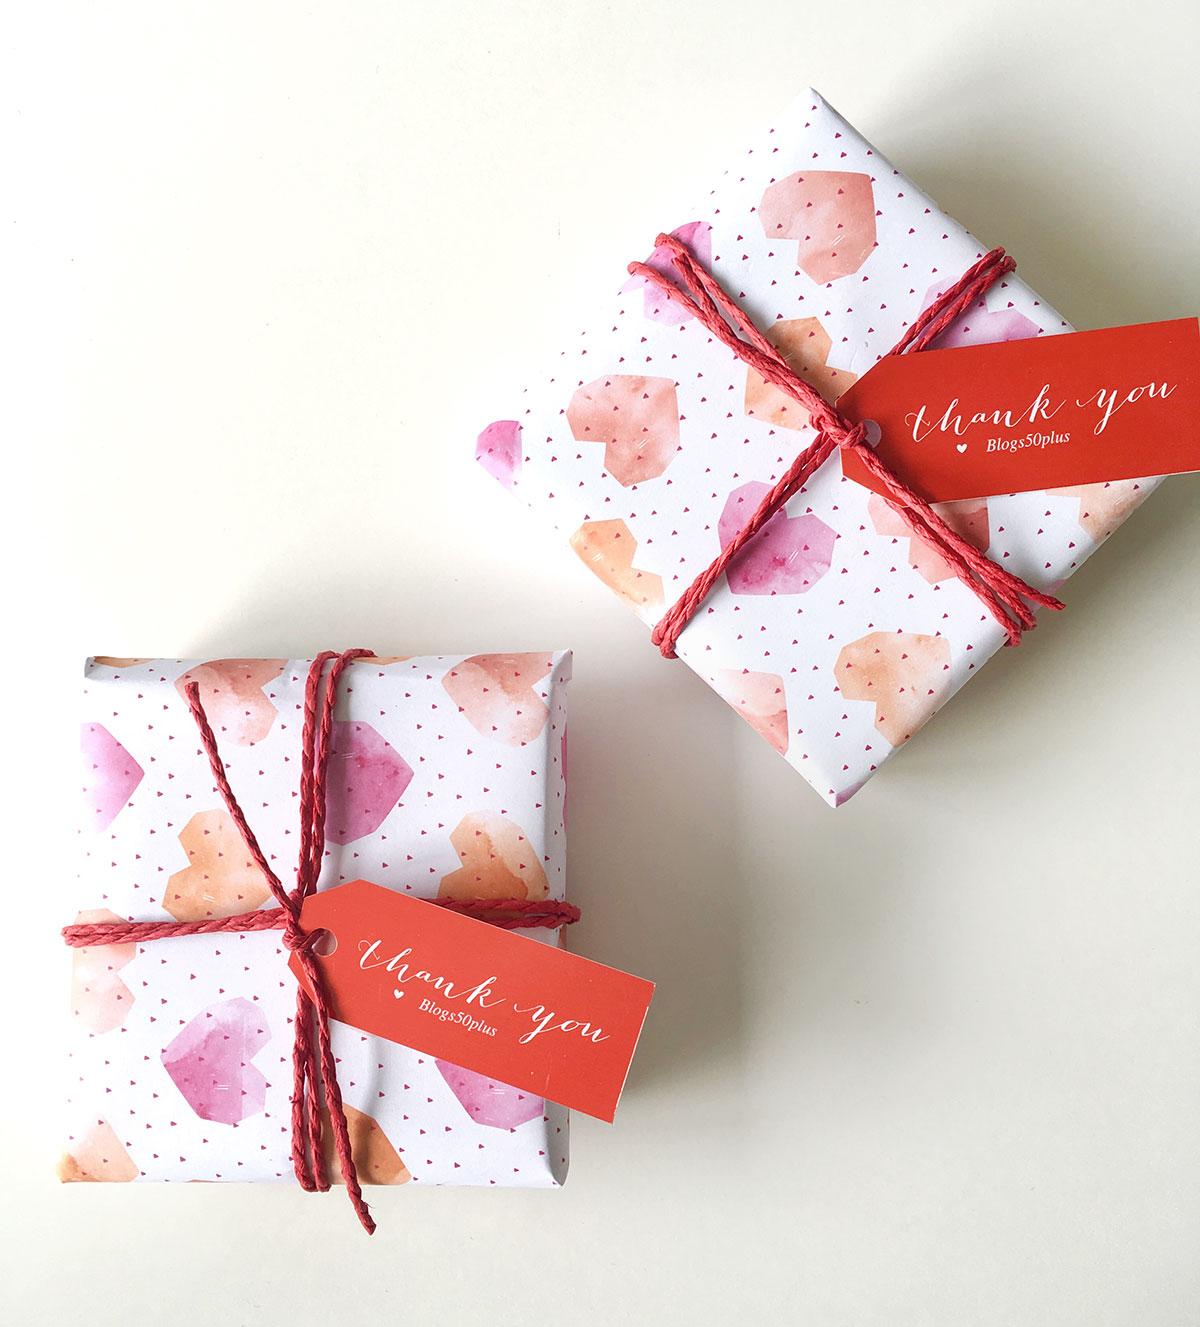 """Zwei Geschenken eingepackt in ein Herz-Geschenkpapier und versehen mit einem Anhänger """"Thank you - Blogs50plus"""" liegen auf einem Tisch"""